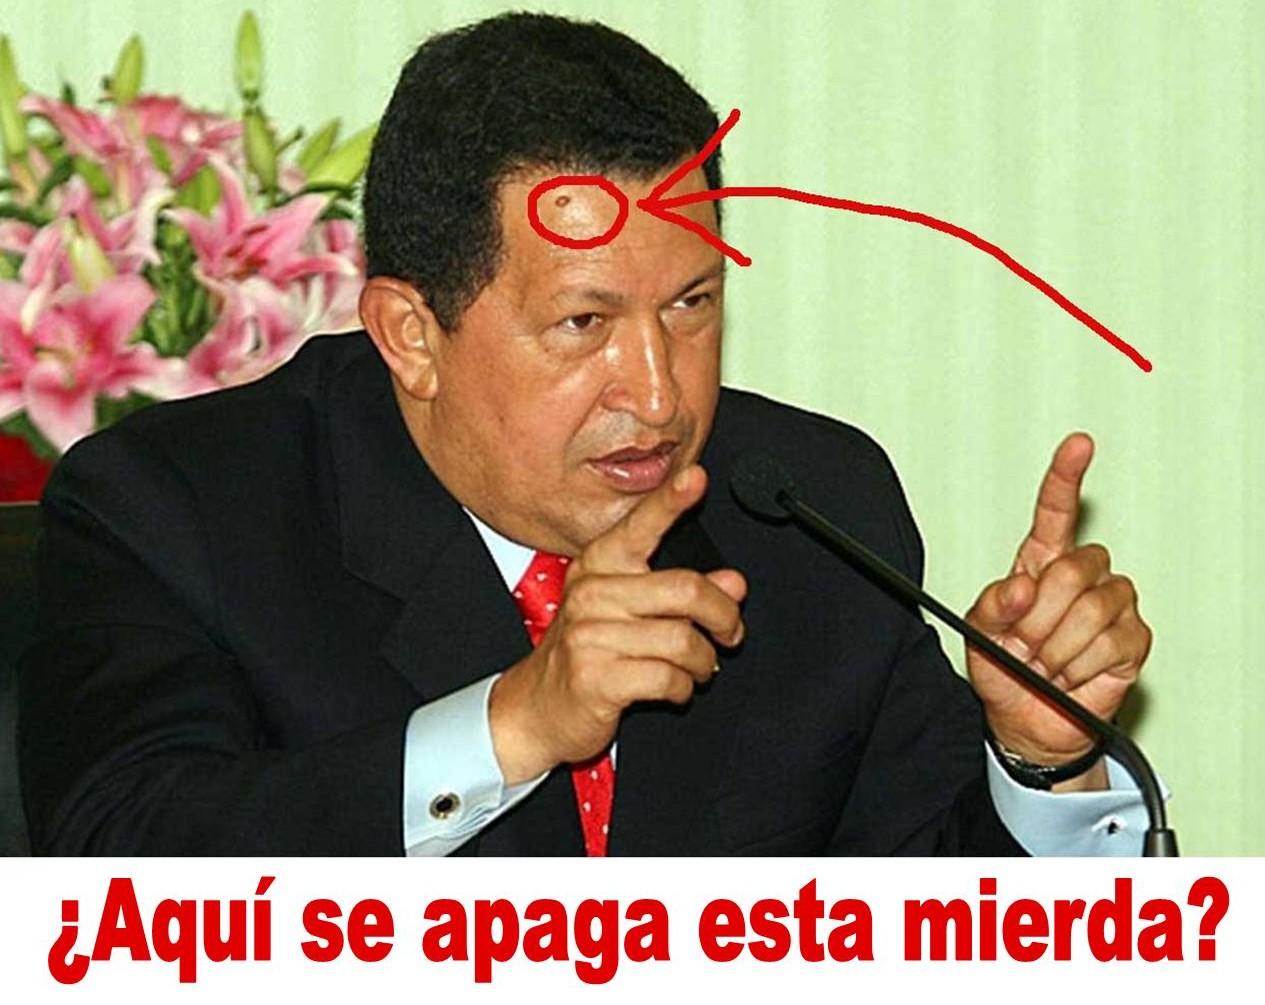 discusión pre-electoral en Venezuela (solo aqui se admiten estos temas) - Página 23 Esta-mielda1